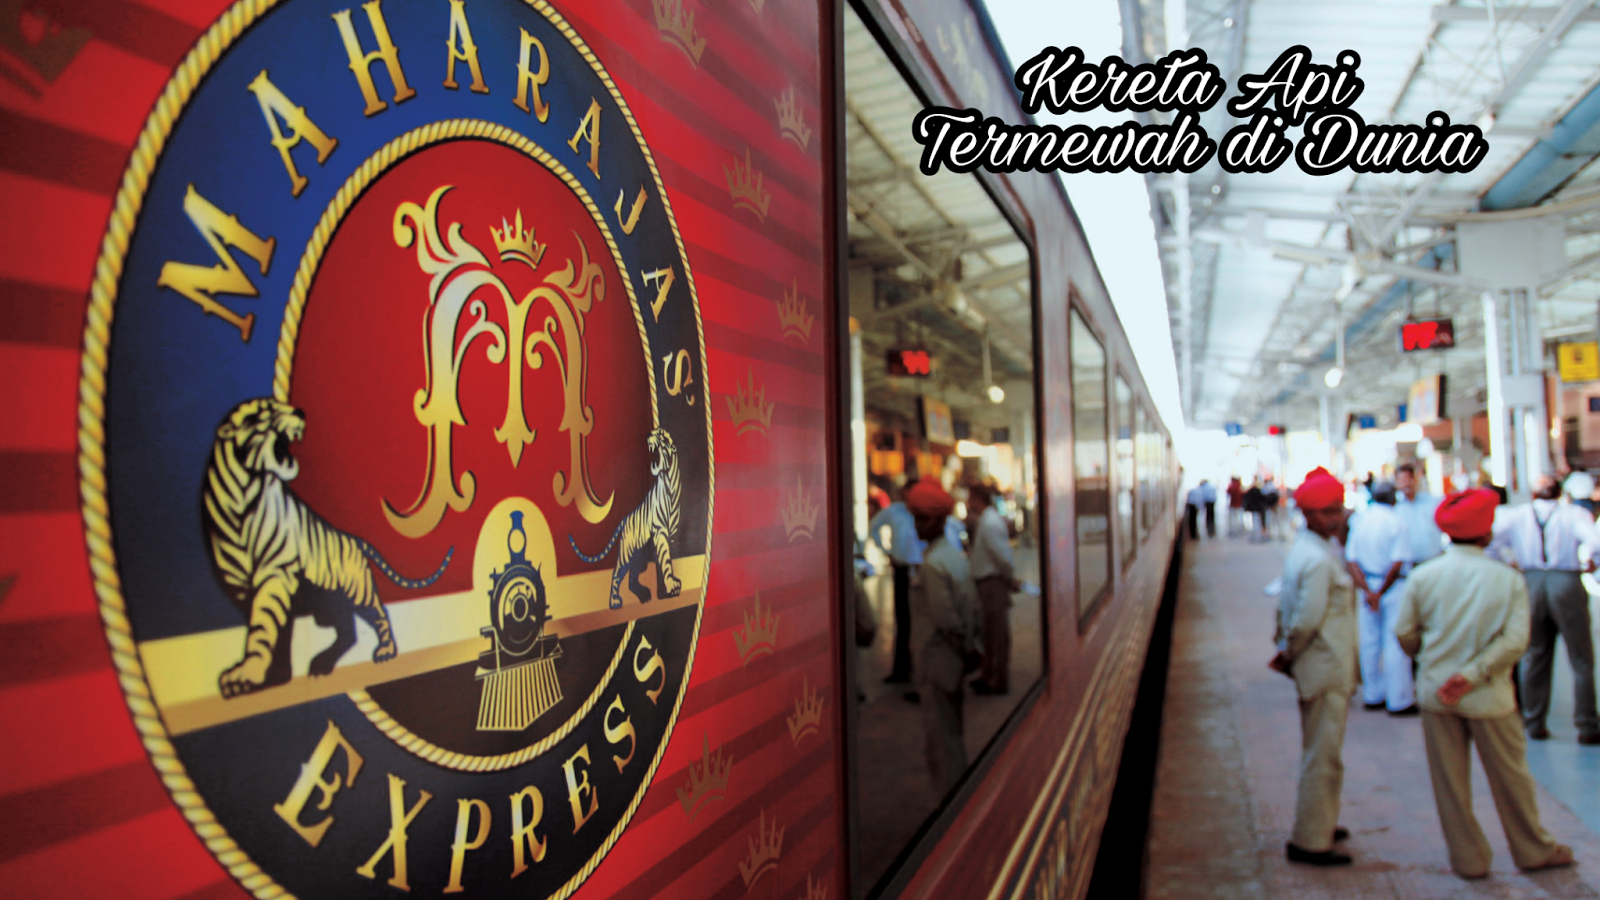 Maharaja Express Perjalanan Kereta Api Trains Kemewahan